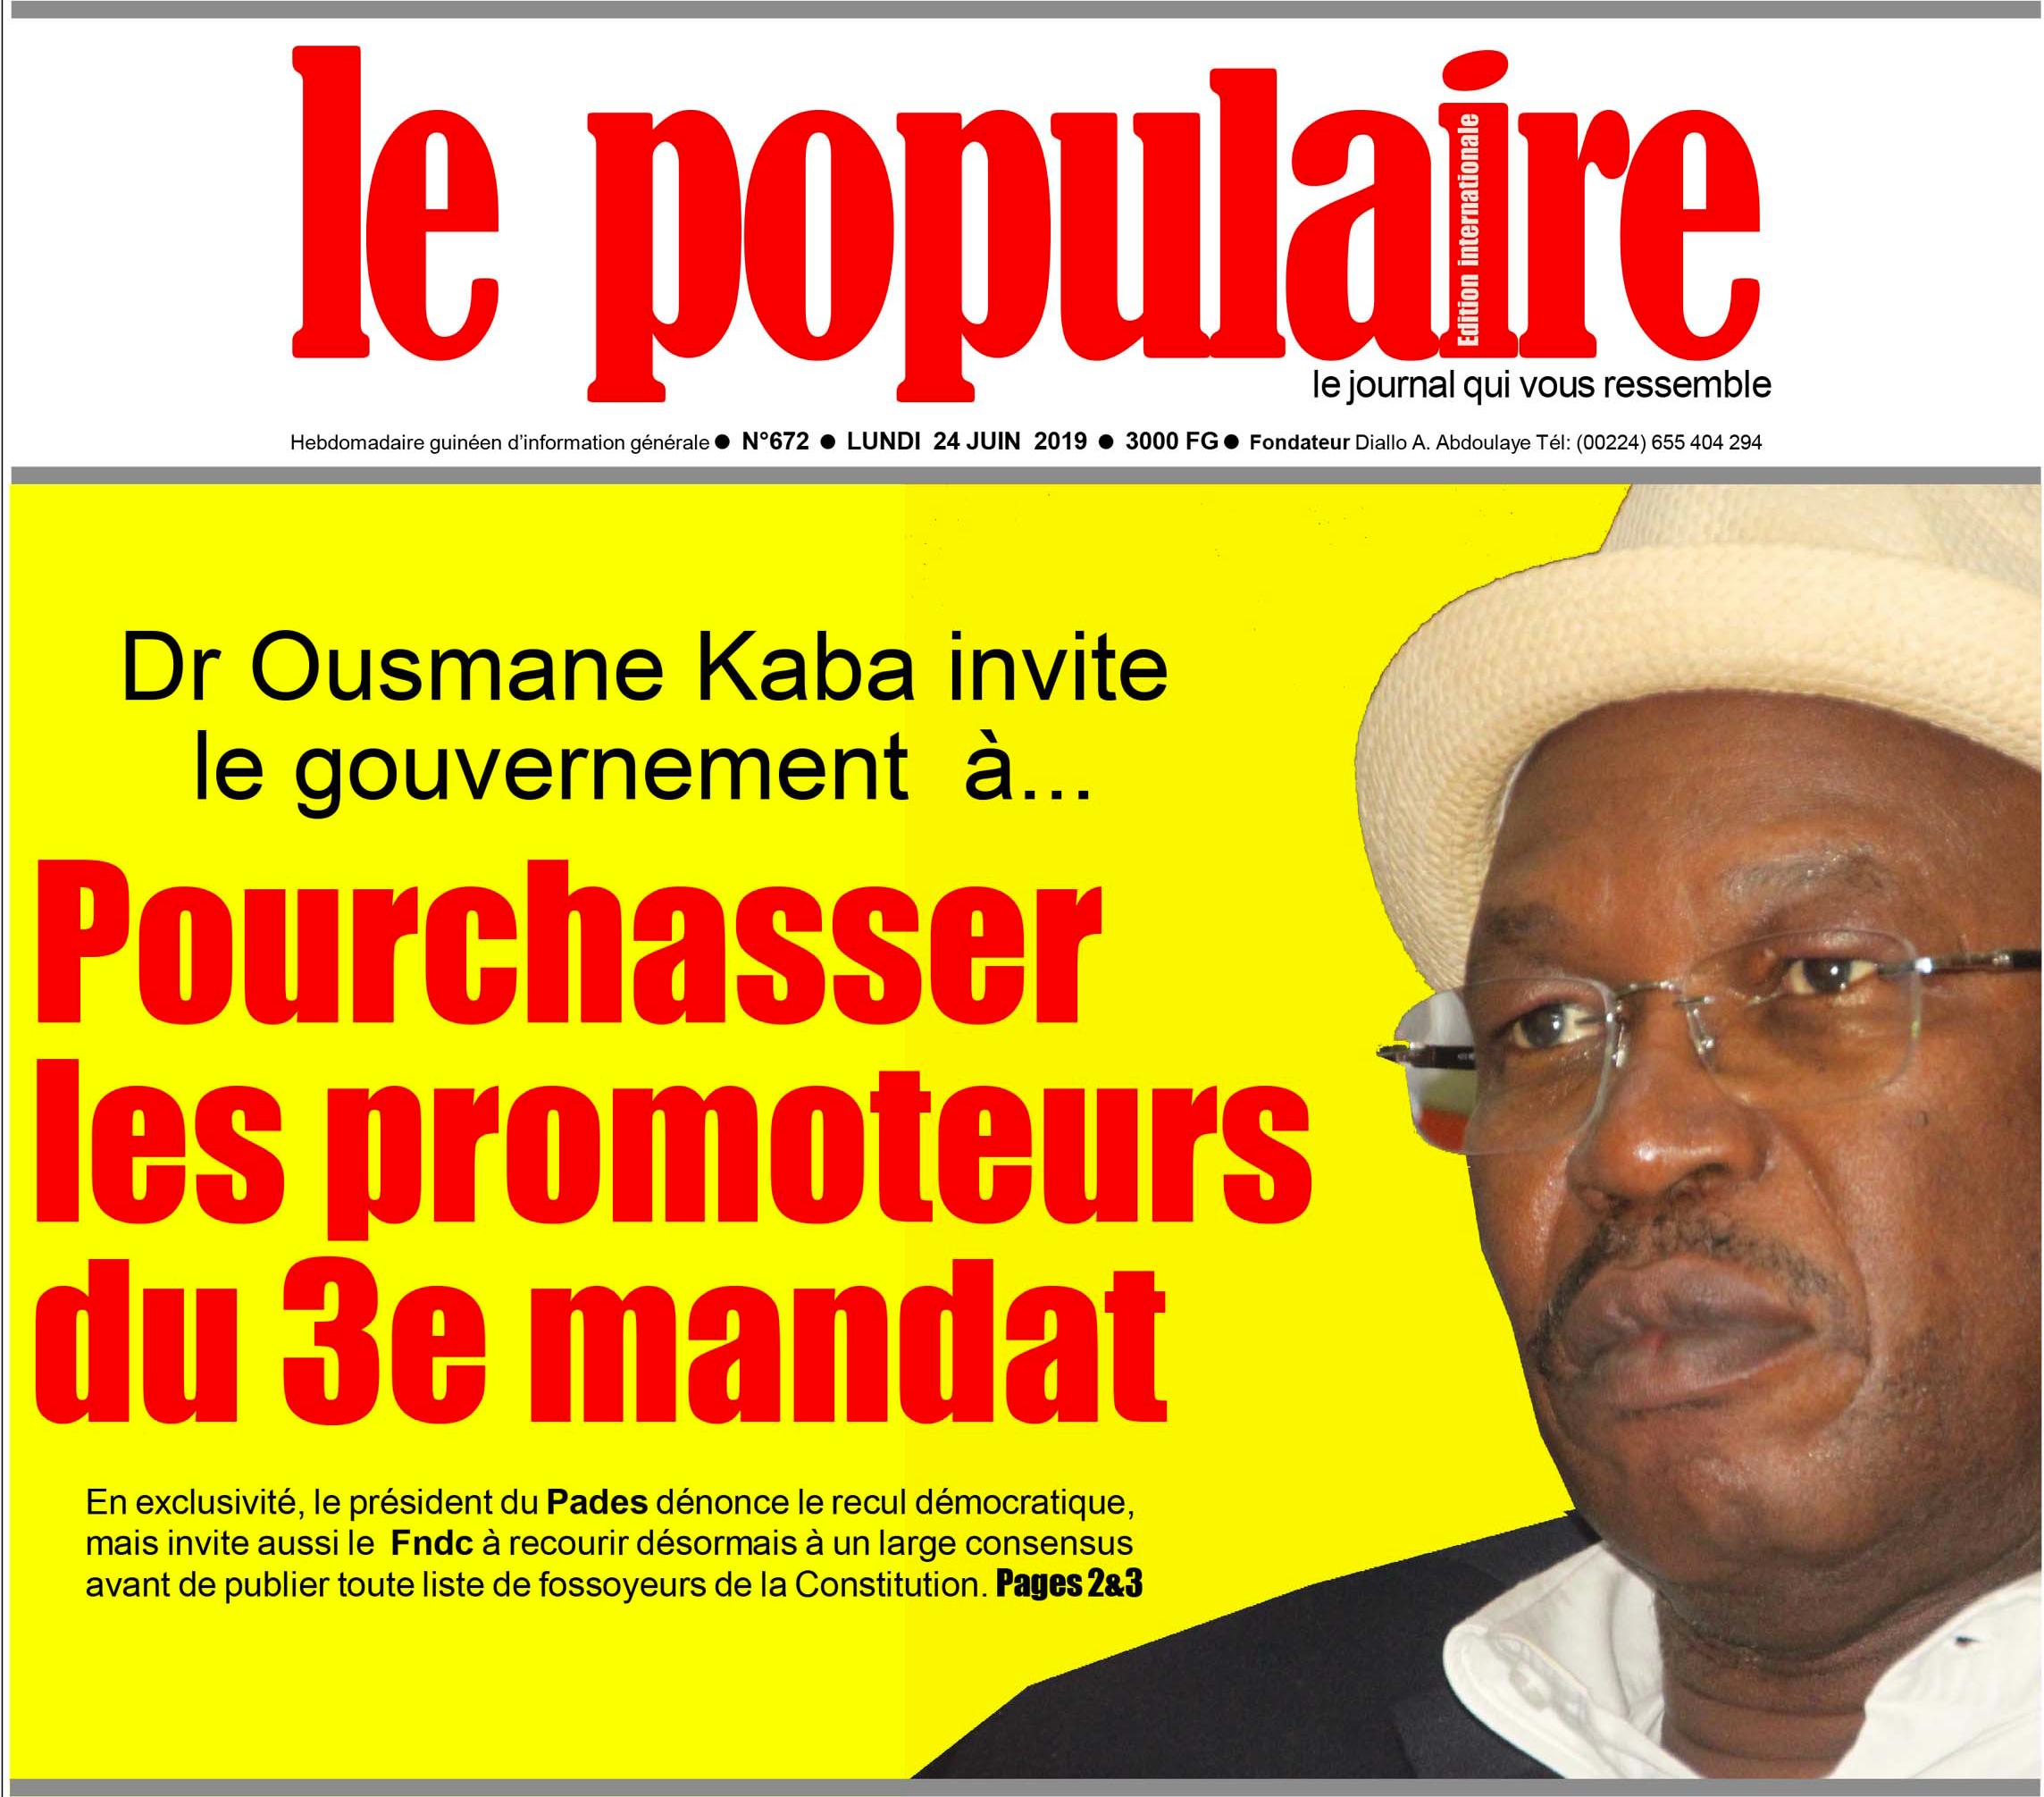 Le Populaire, le journal qui vous ressemble - Interview du Dr. Ousmane KABA